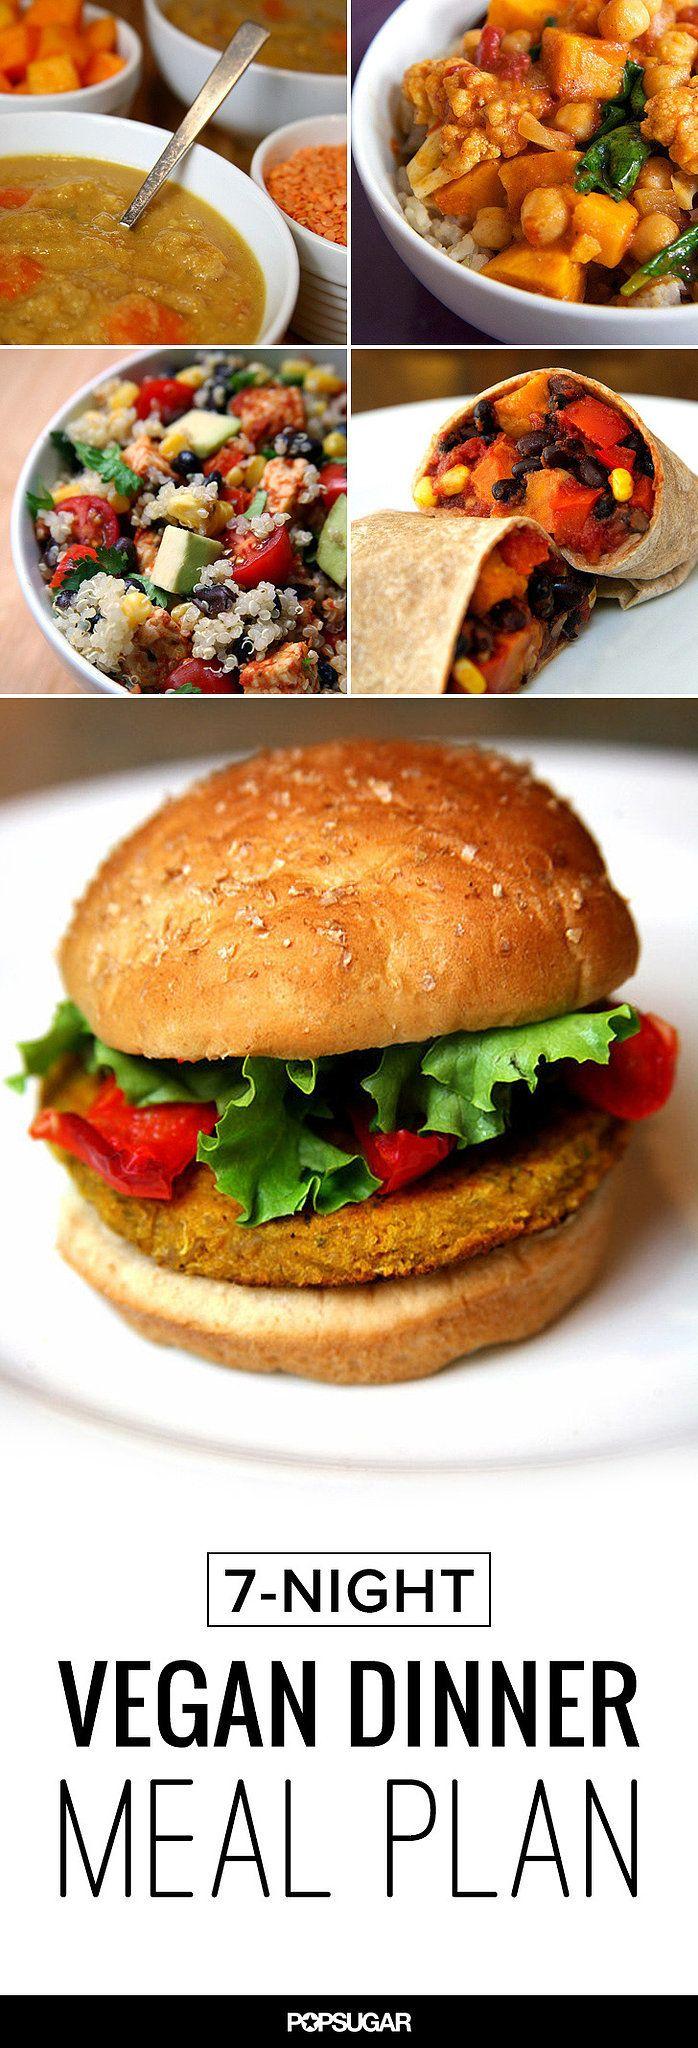 7-Day Vegan Meal Plan